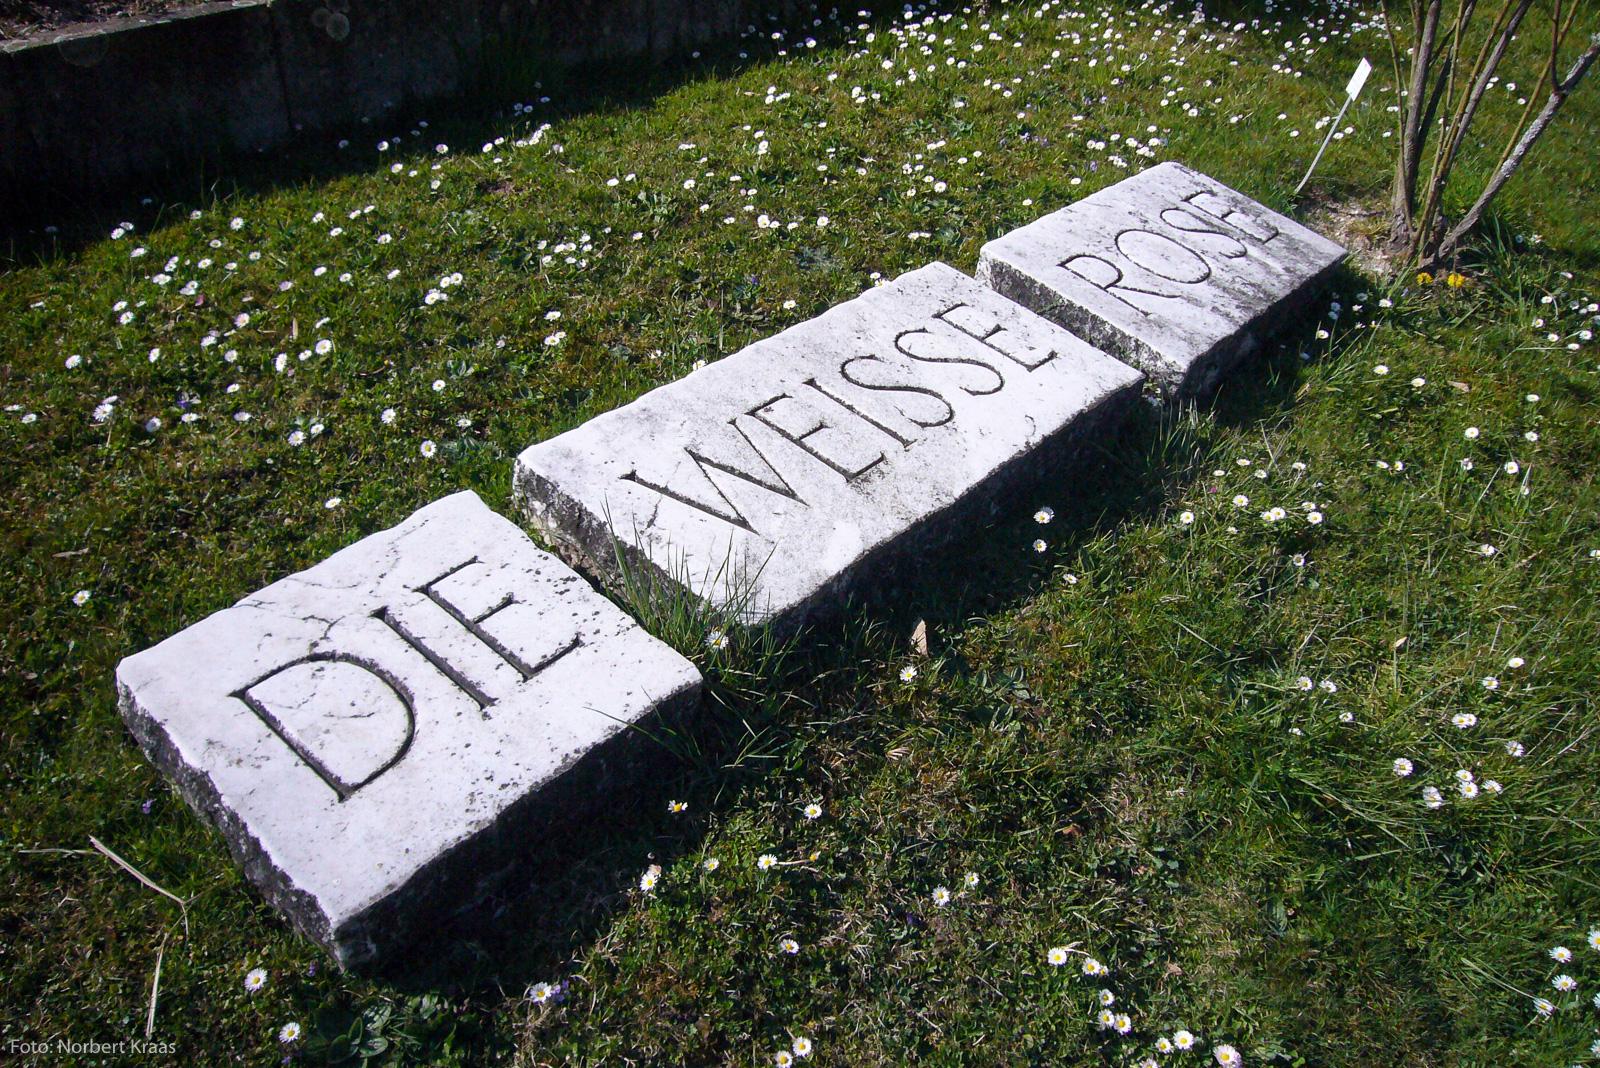 DIE WEISSE ROSE. In Stein gemeißeltes Epigramm von Karl Poralla im Botanischen Garten in Tübingen